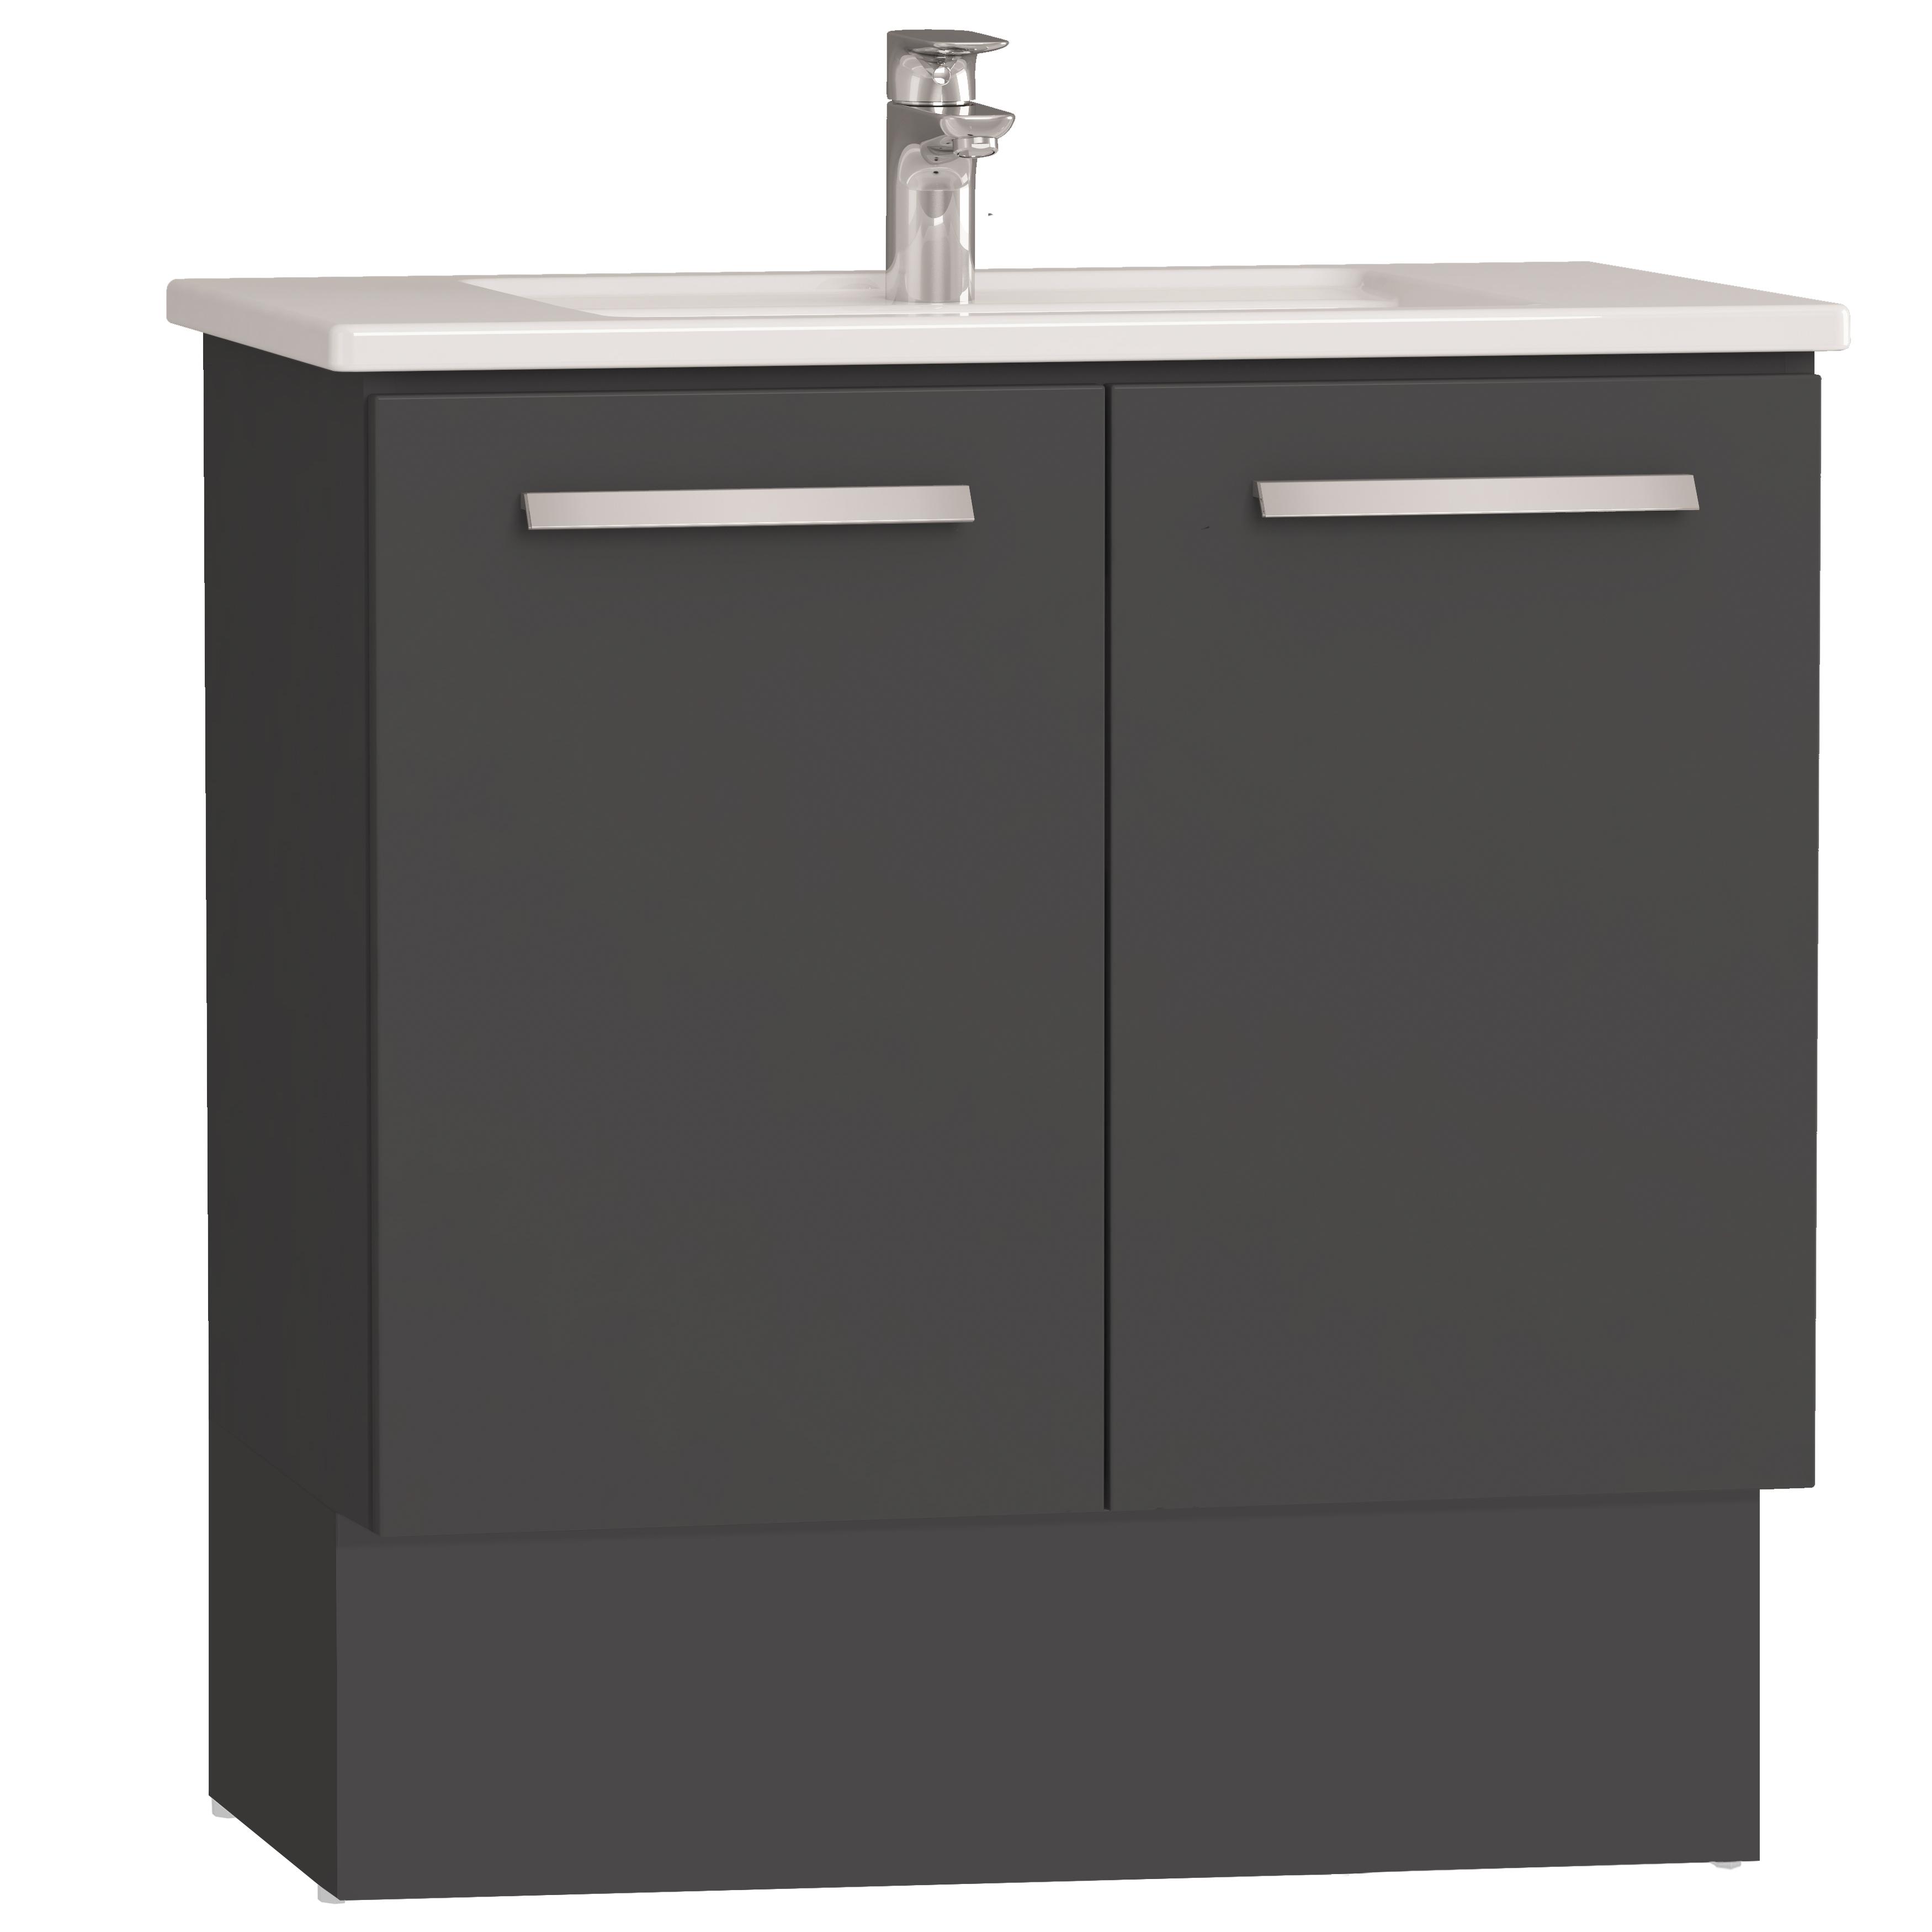 Integra socle pour meuble avec plan céramique & portes, 80 cm, anthraciteacite haute brillance